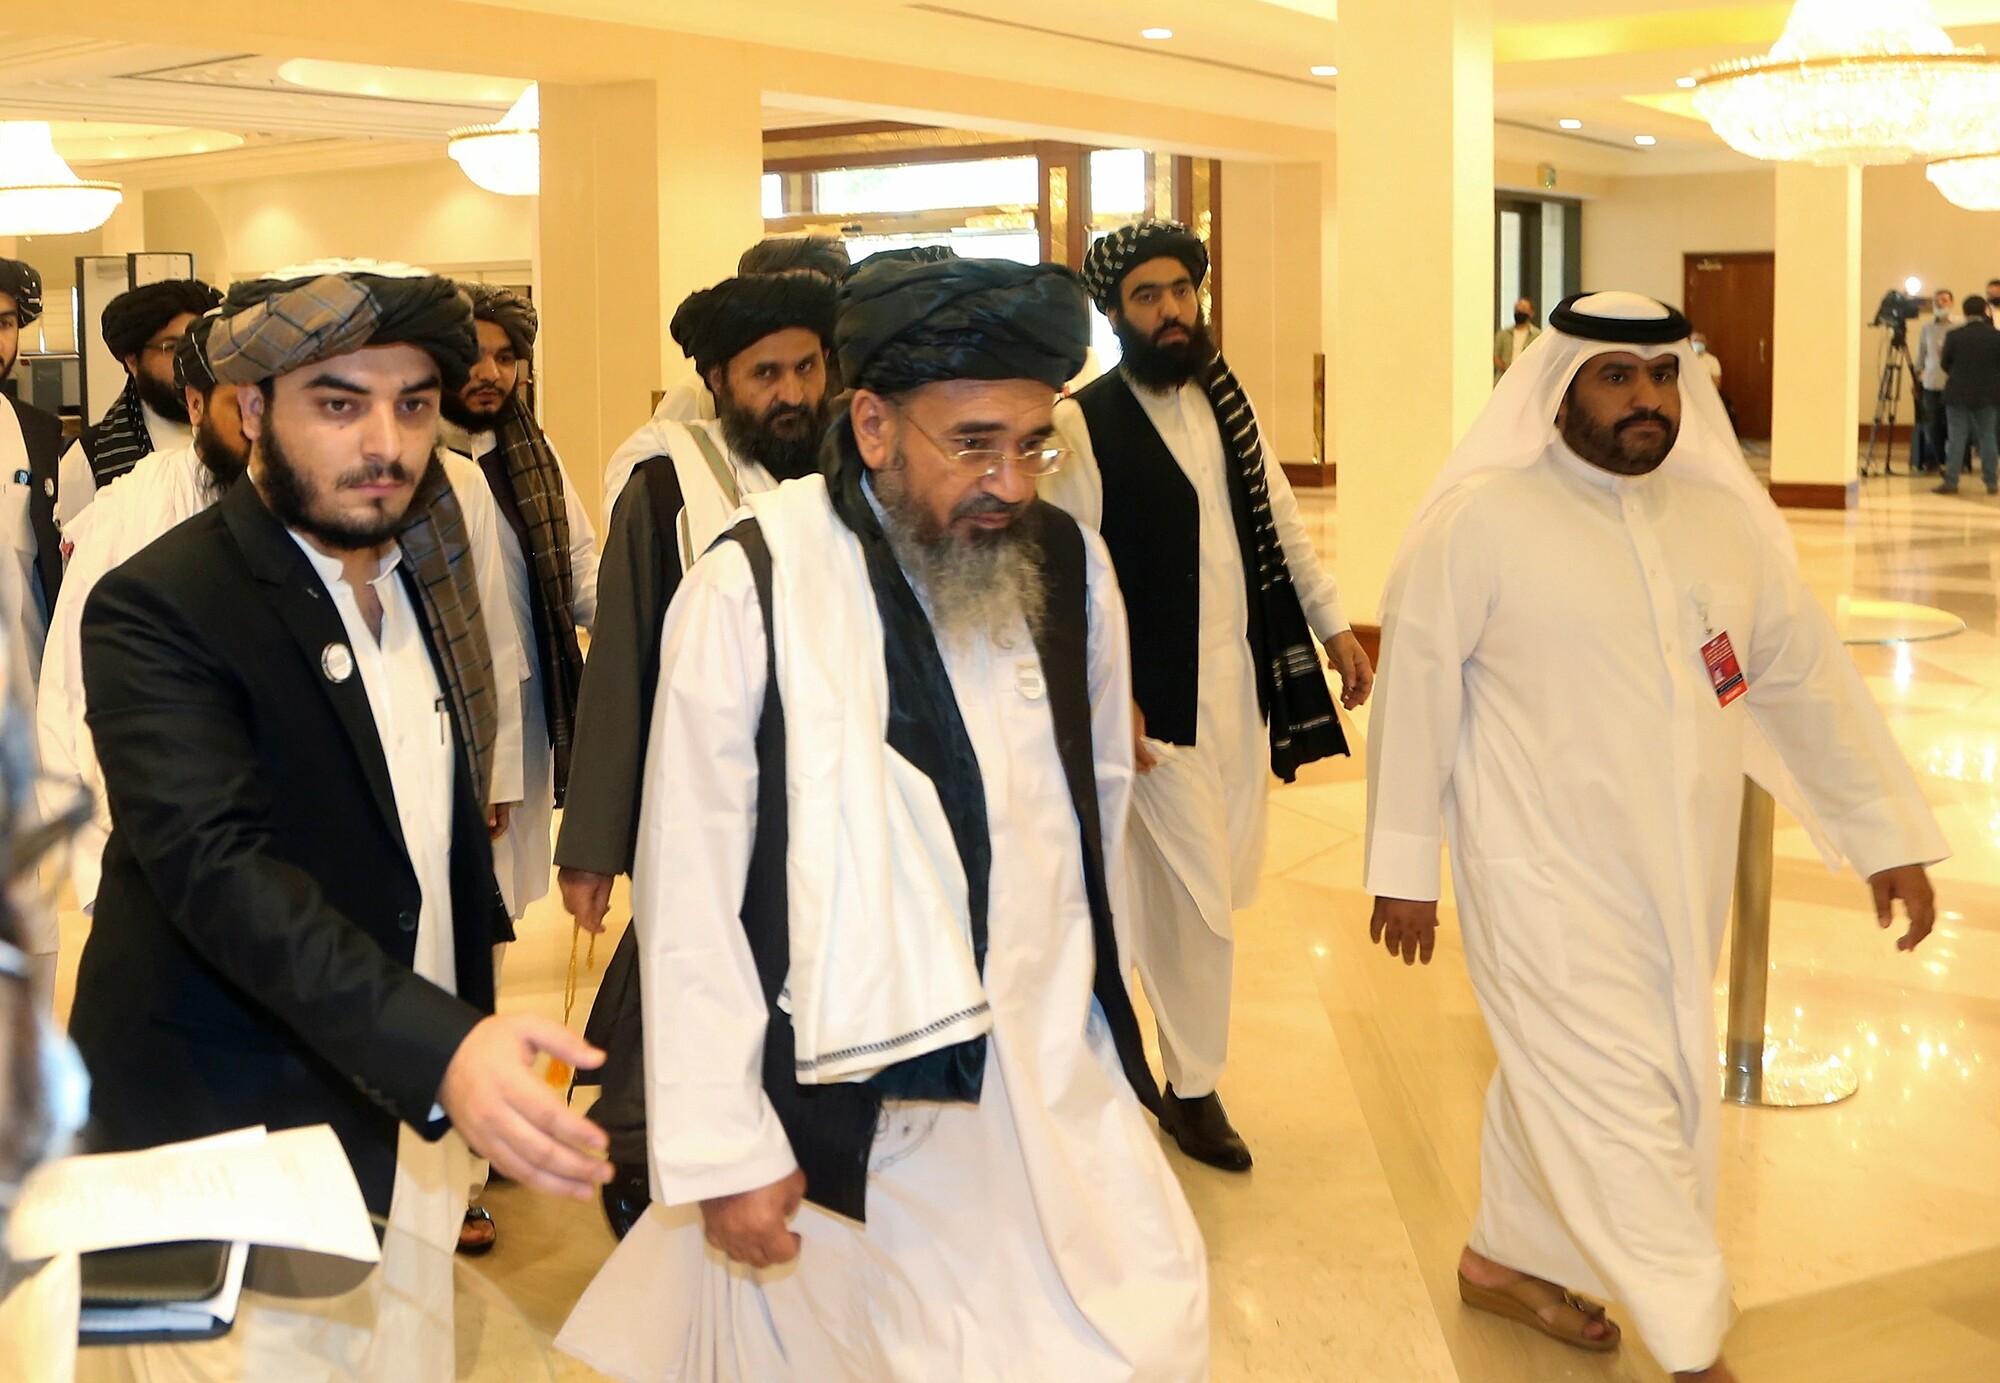 Lãnh đạo Taliban tham dự đàm phán hòa bình tại Doha, Qatar vào tháng 9/2020. Ảnh: AP.